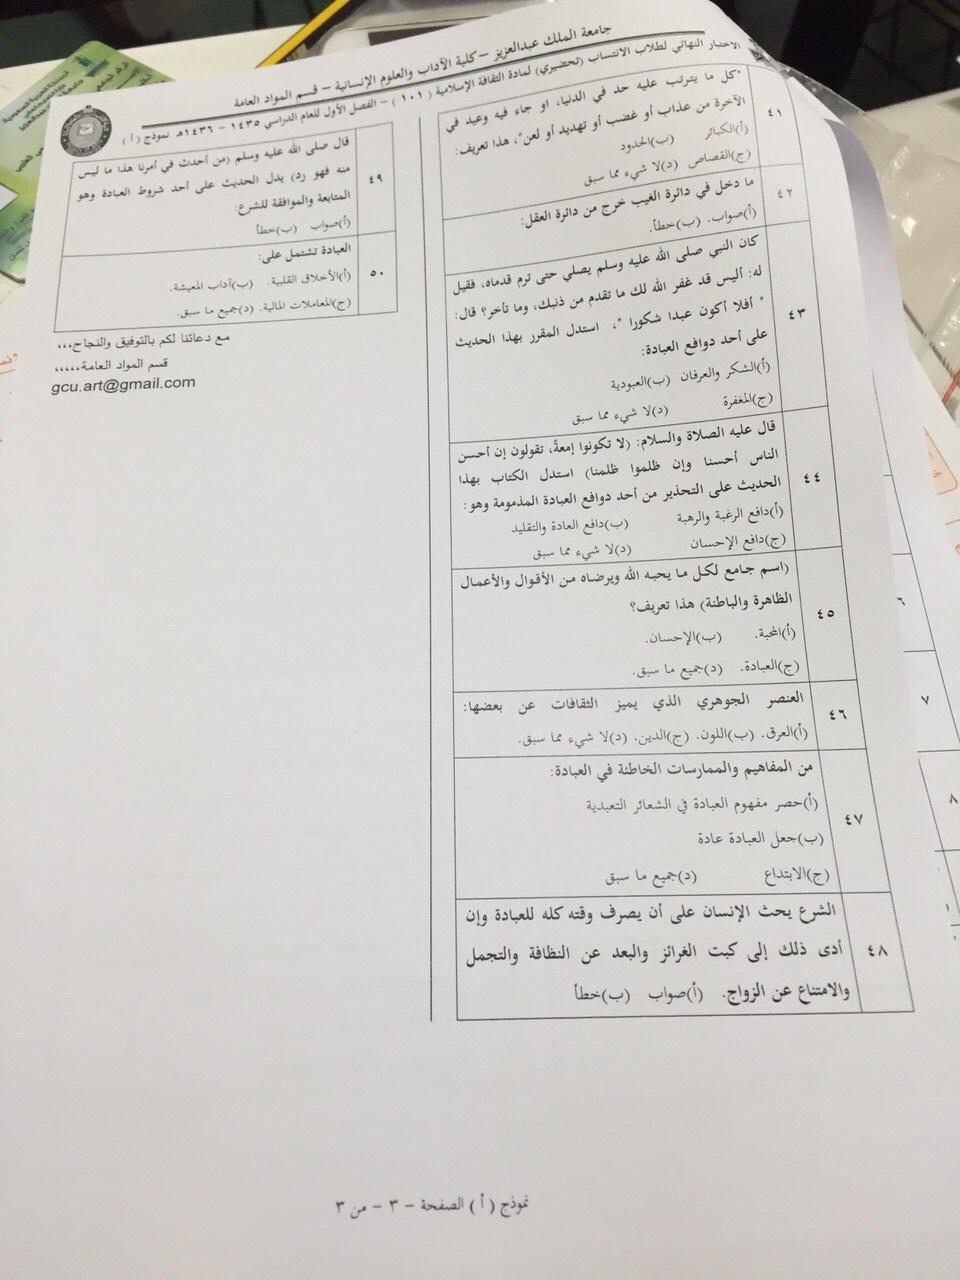 اسئلة اختبار الثقافة الإسلامية isls 101 انتساب الفصل الدراسي الأول 1436هـ نموذج (أ) 3768.jpg